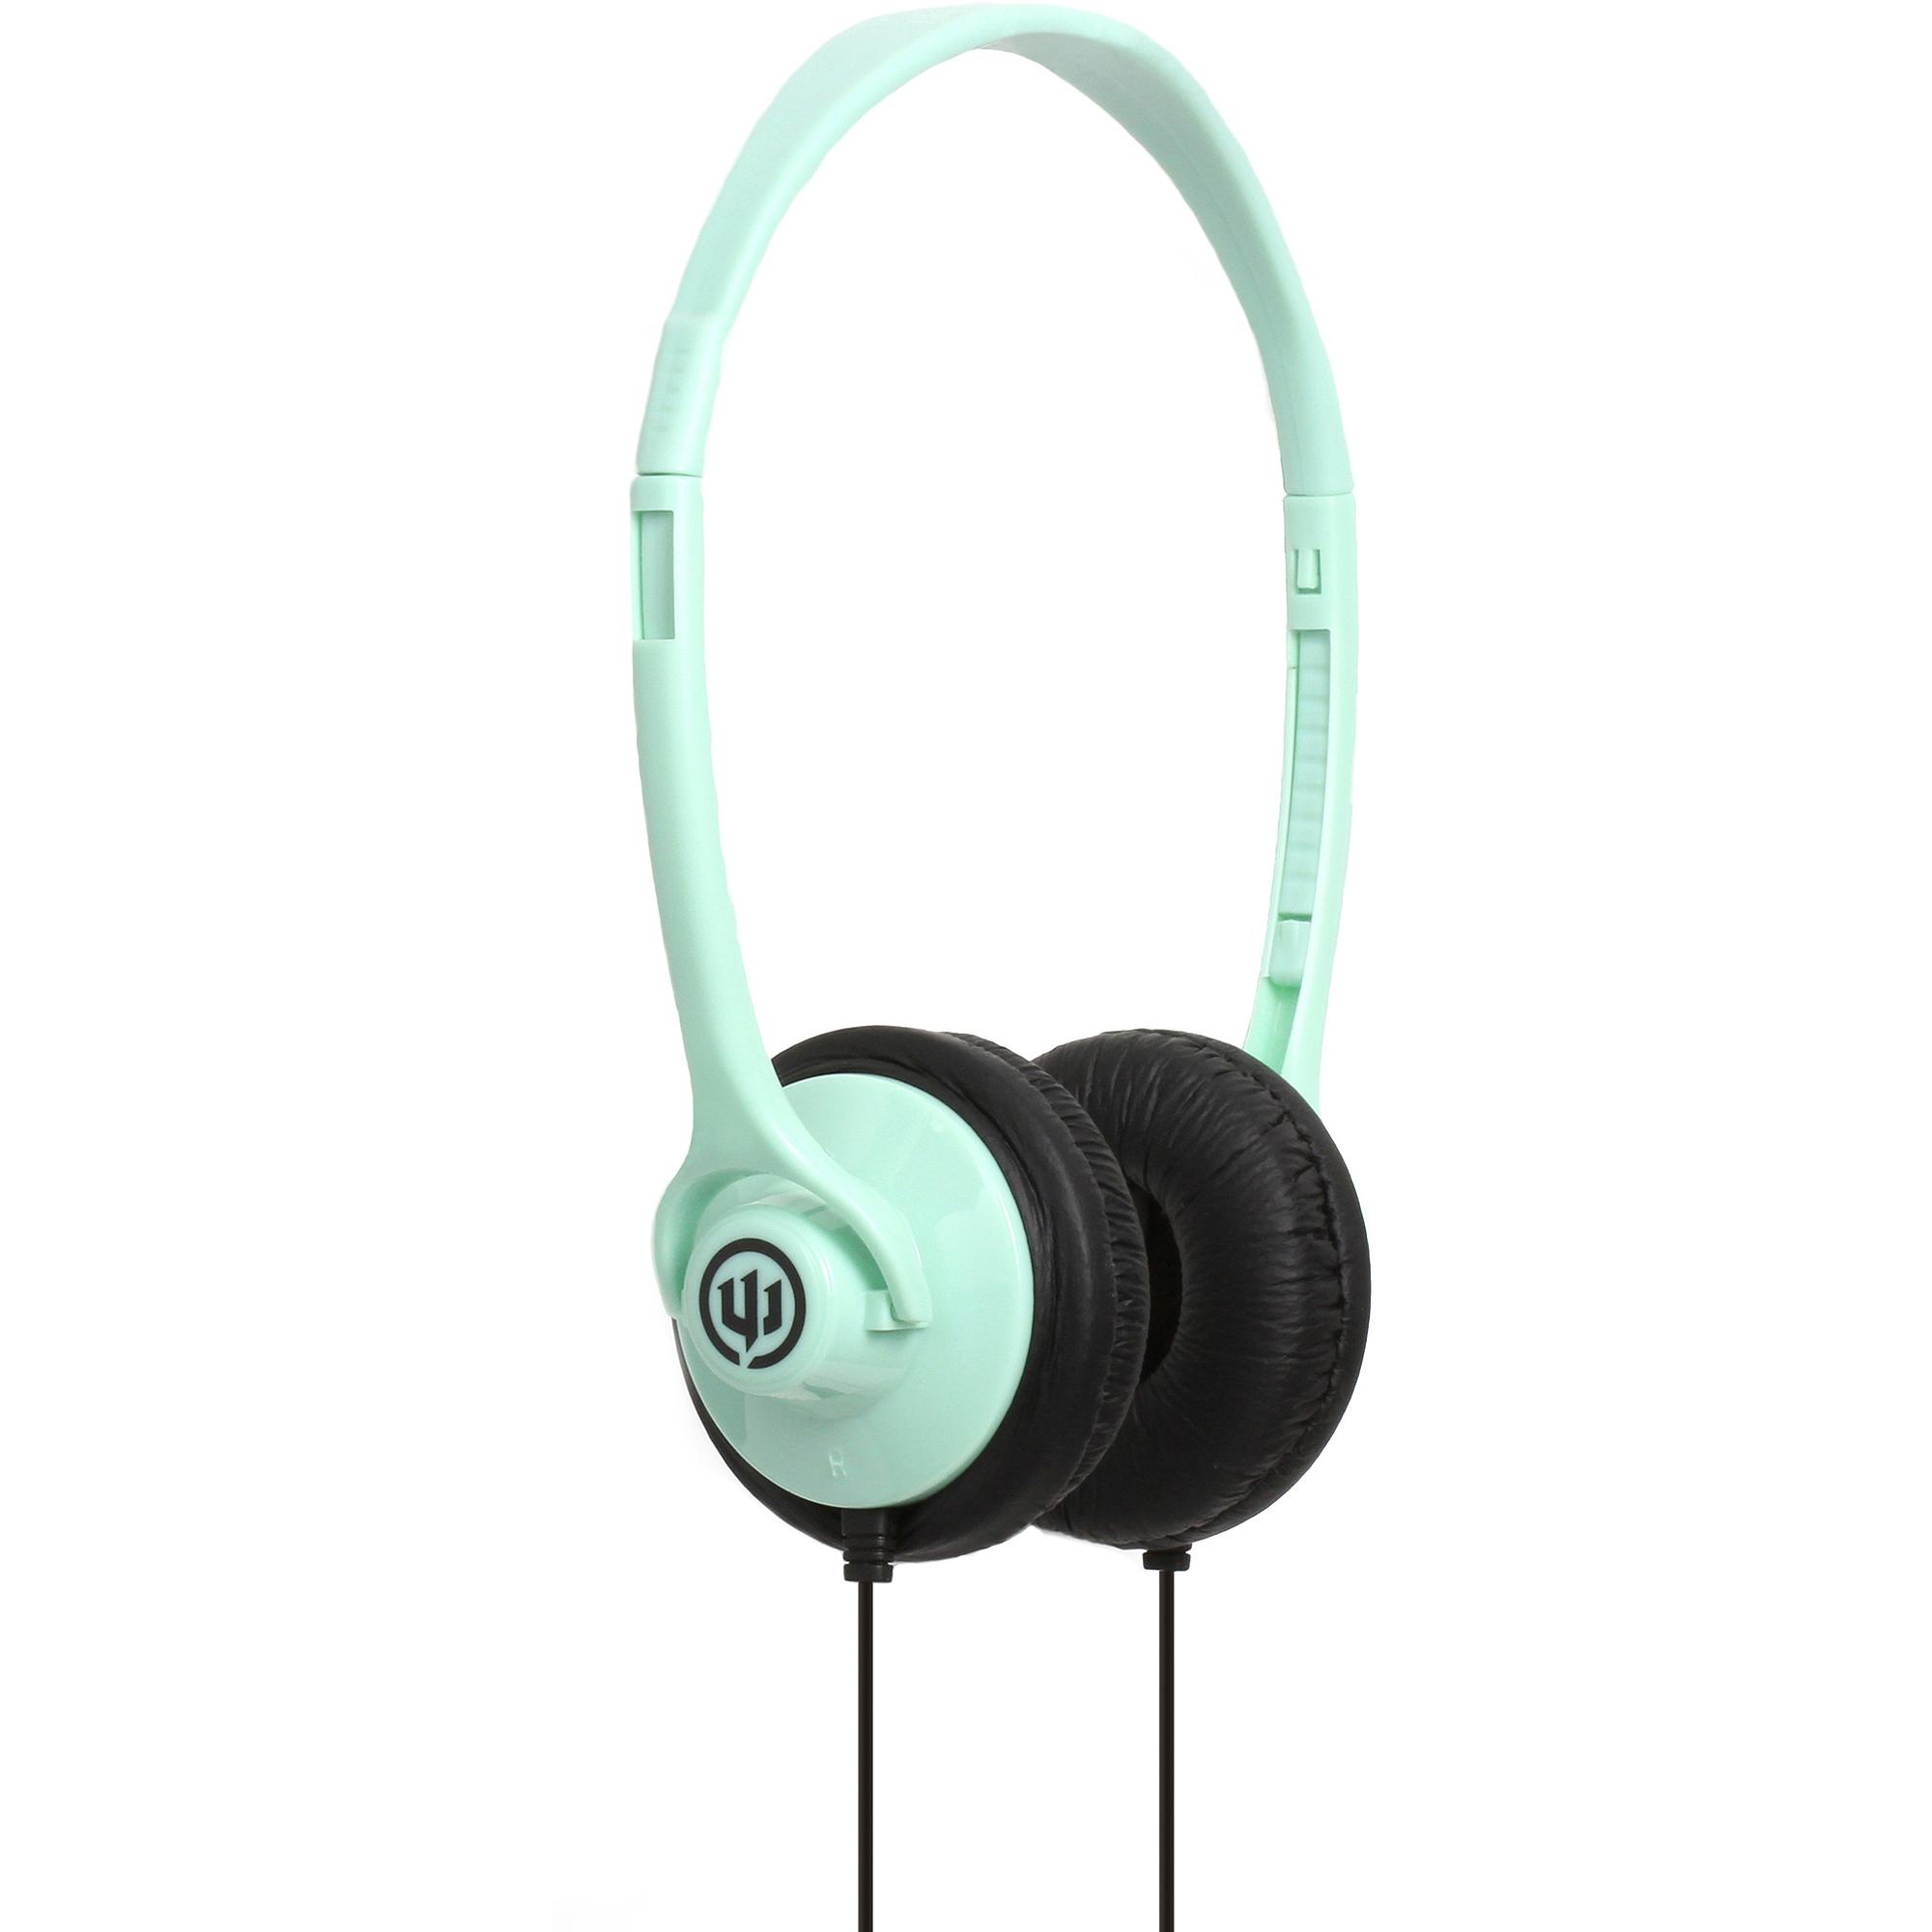 Wicked Audio WI-8003 Chill Headphones, Sea Foam Green